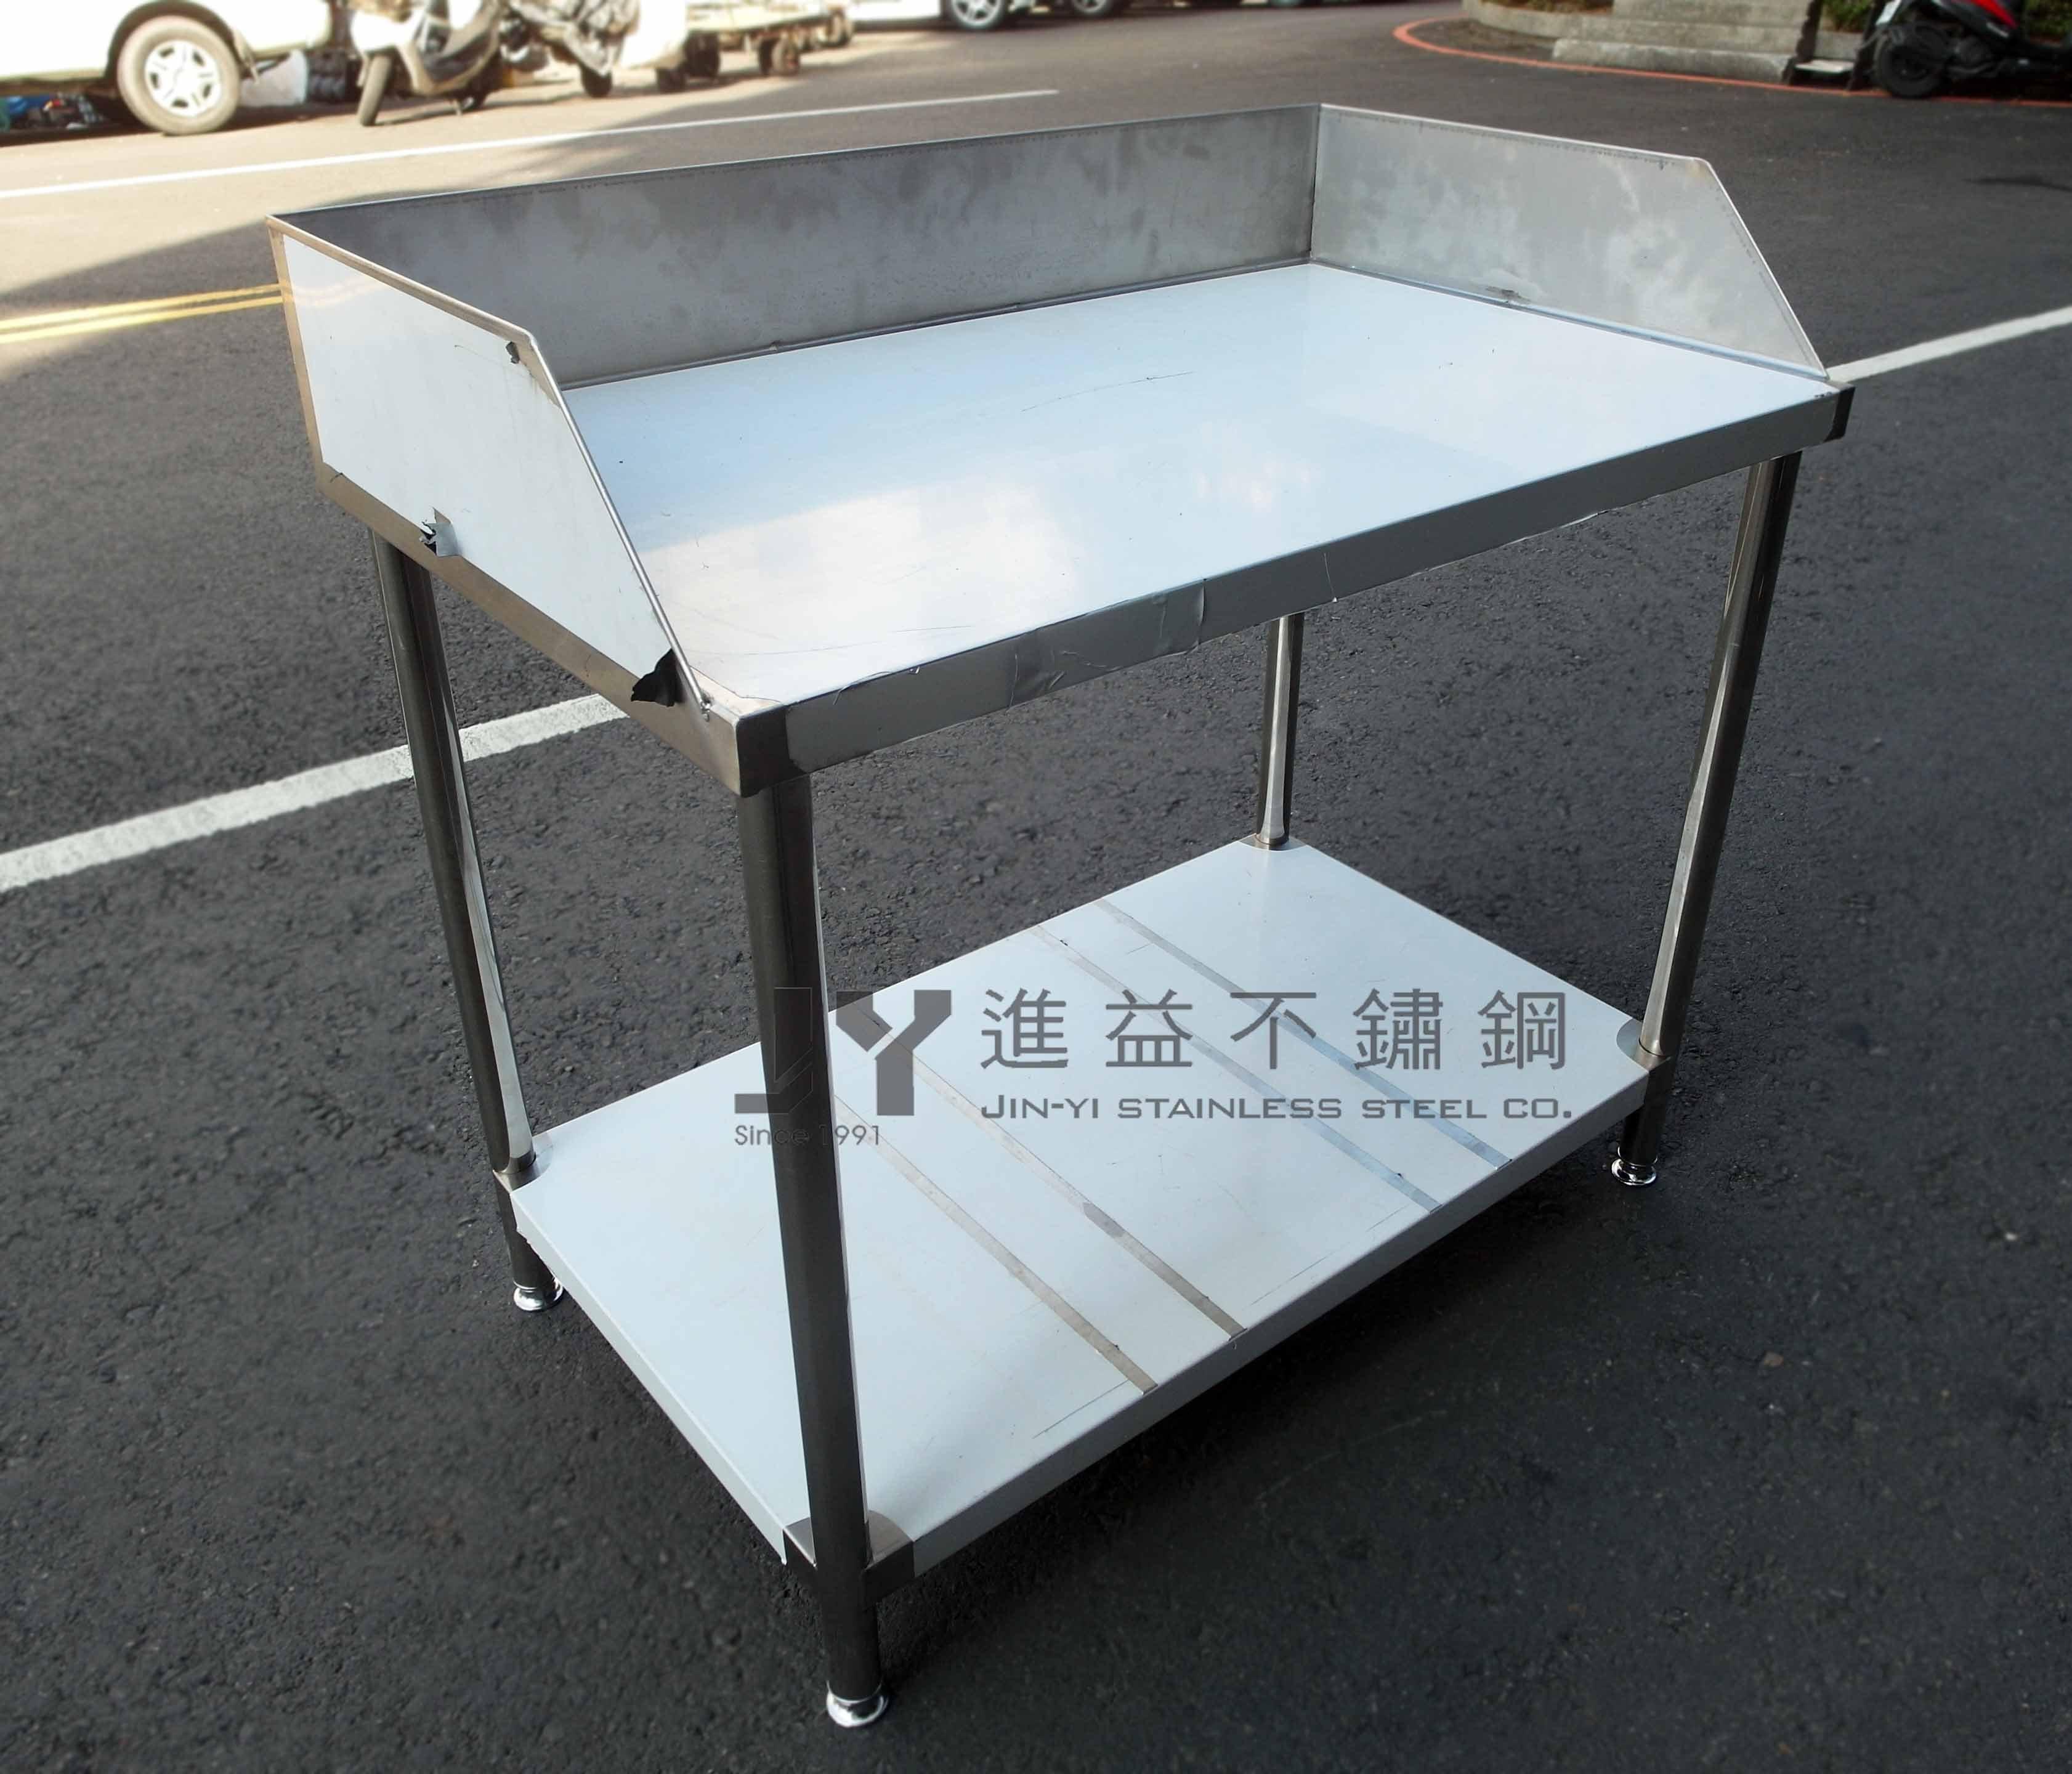 【進益不鏽鋼】工作桌 桌面擋板 工作桌 無塵室桌 醫院桌 不鏽鋼訂製 客製化不鏽鋼桌 訂製工作台